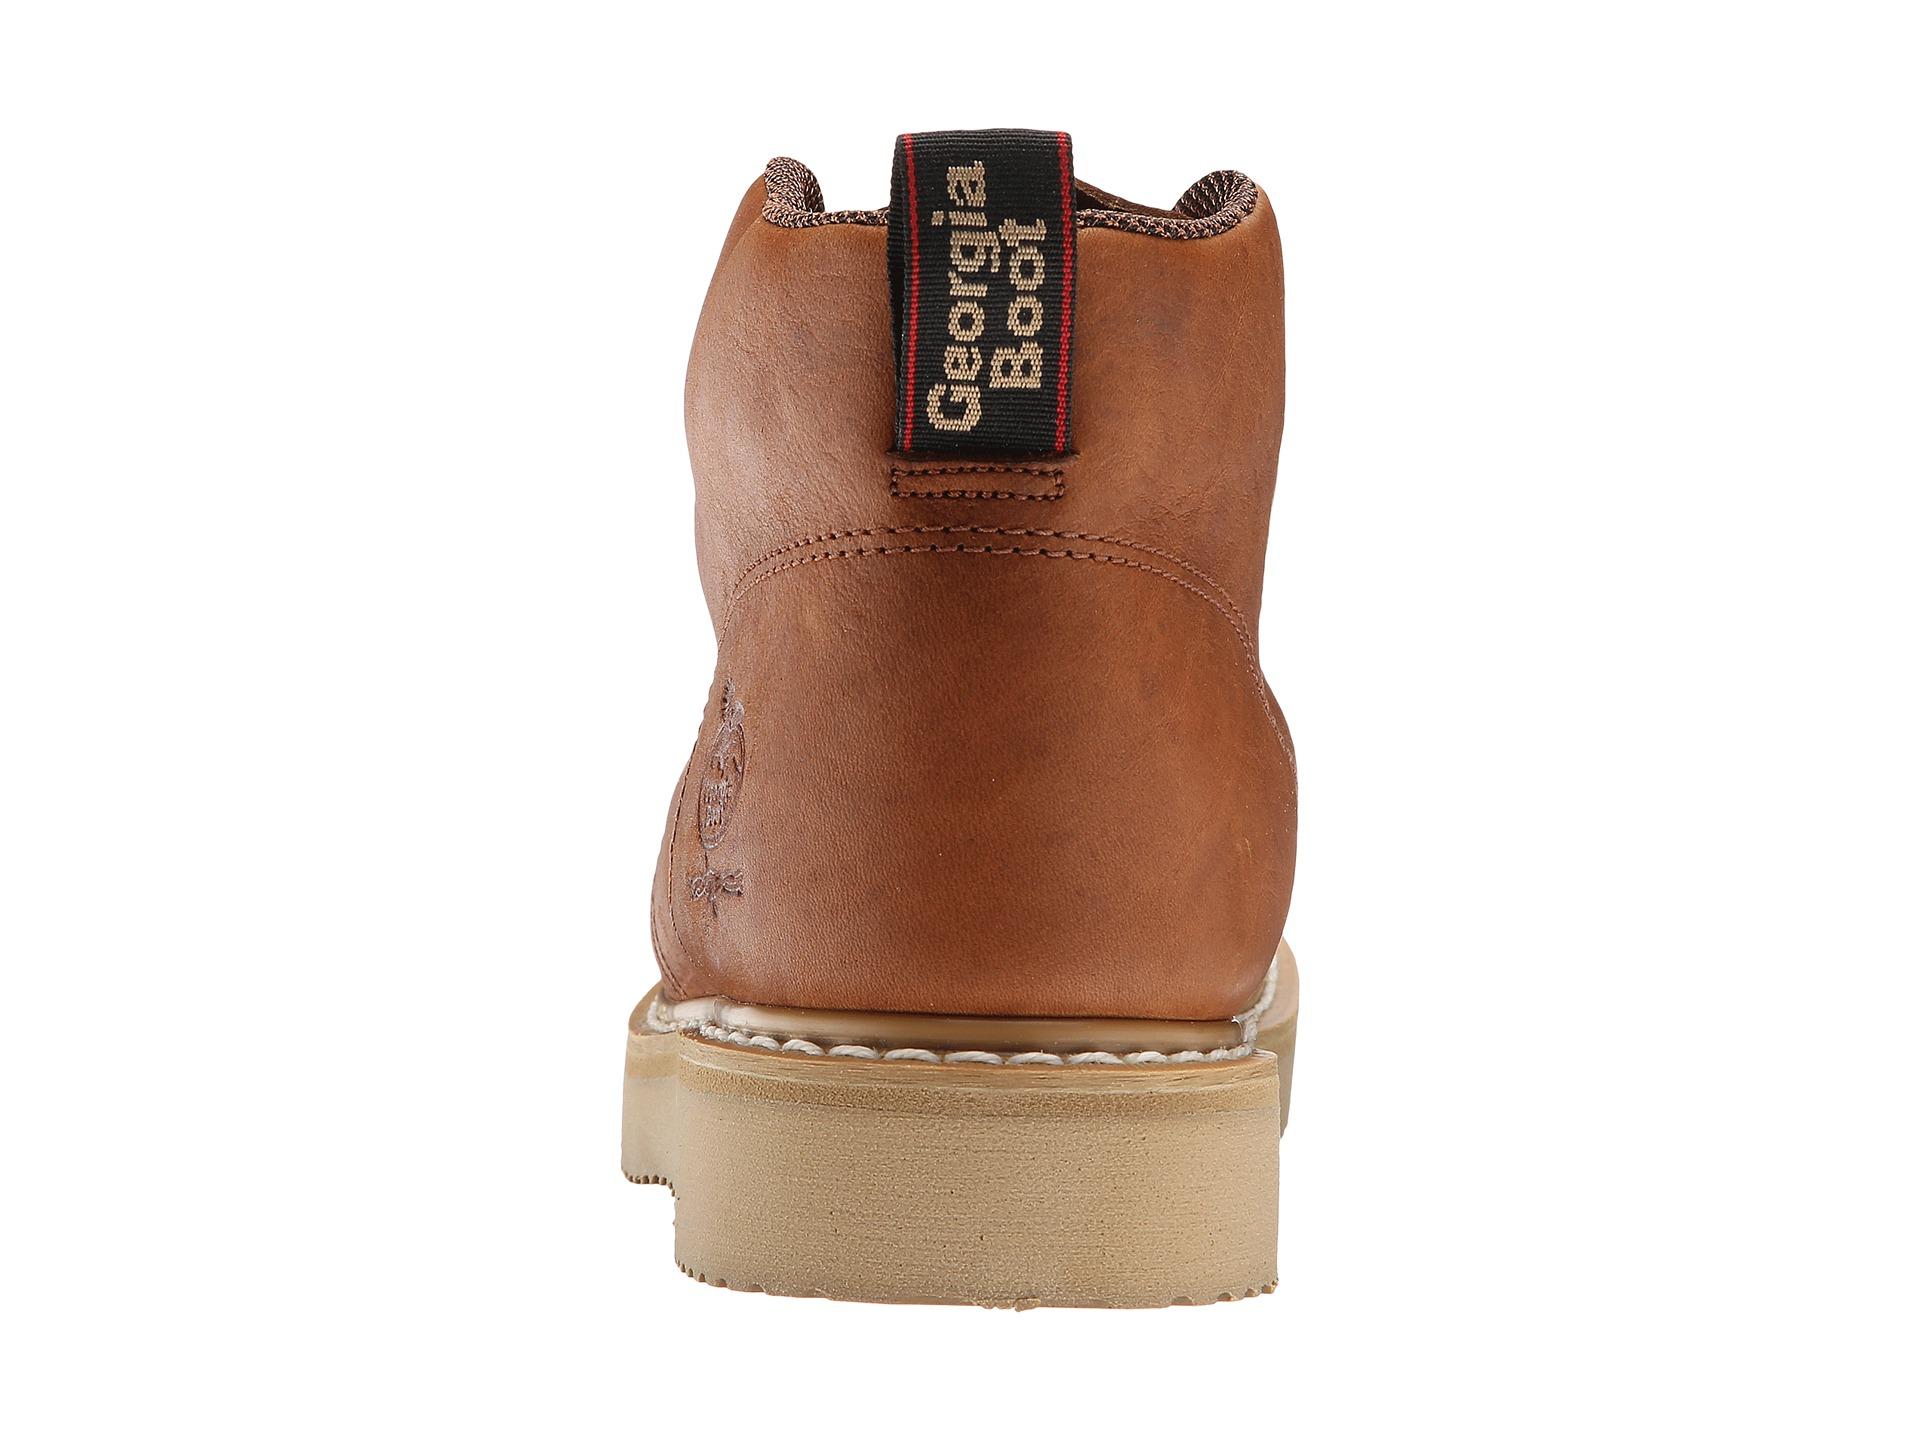 boot chukka wedge at zappos